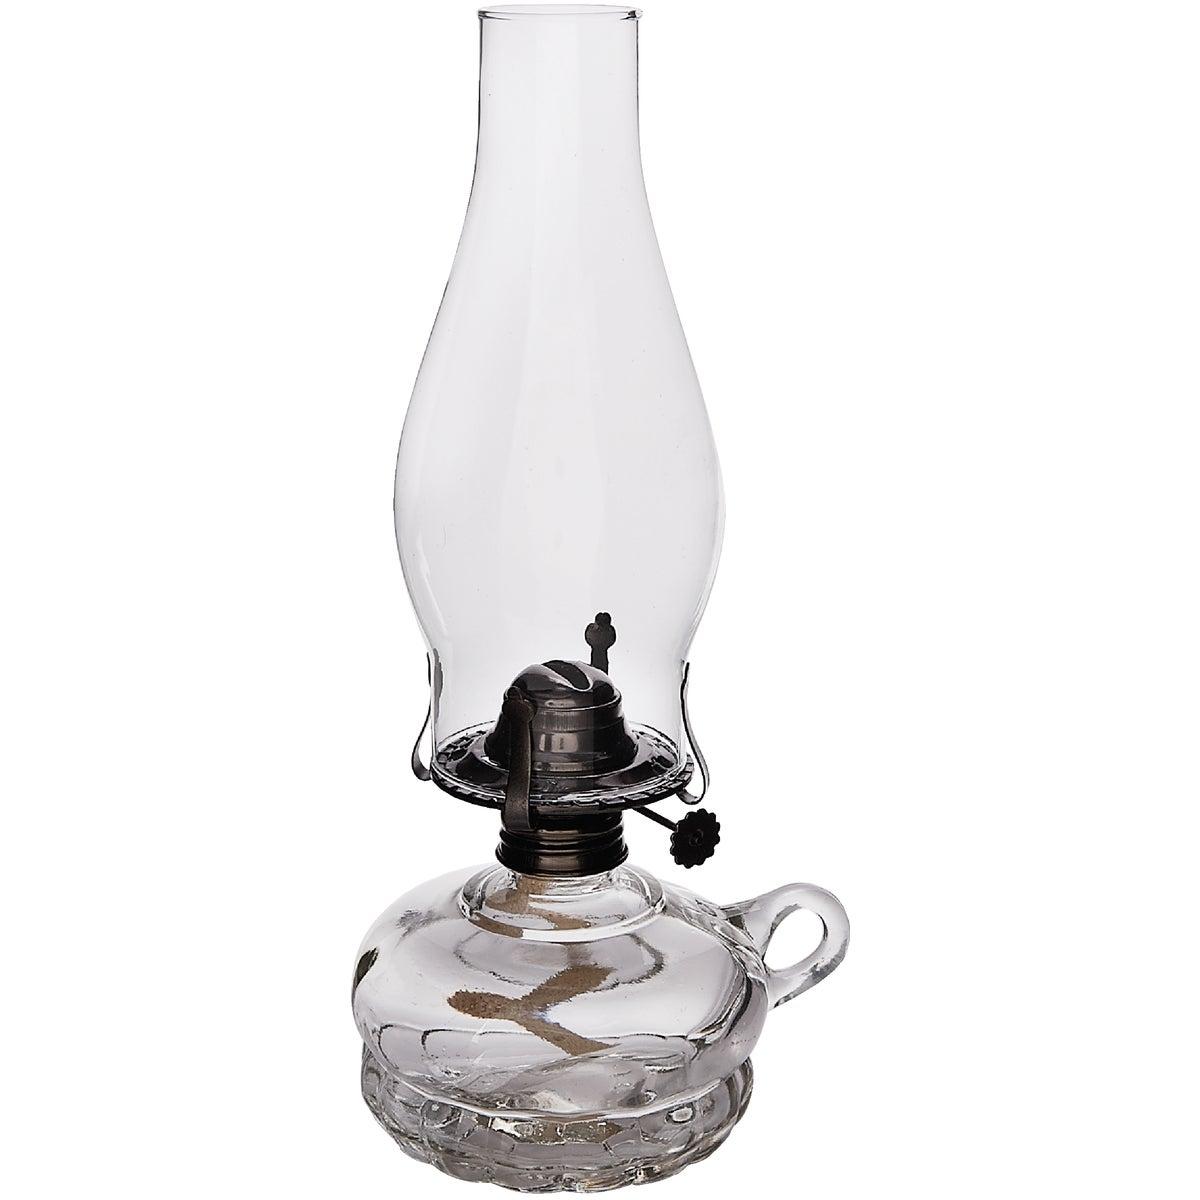 CHAMBER OIL LAMP